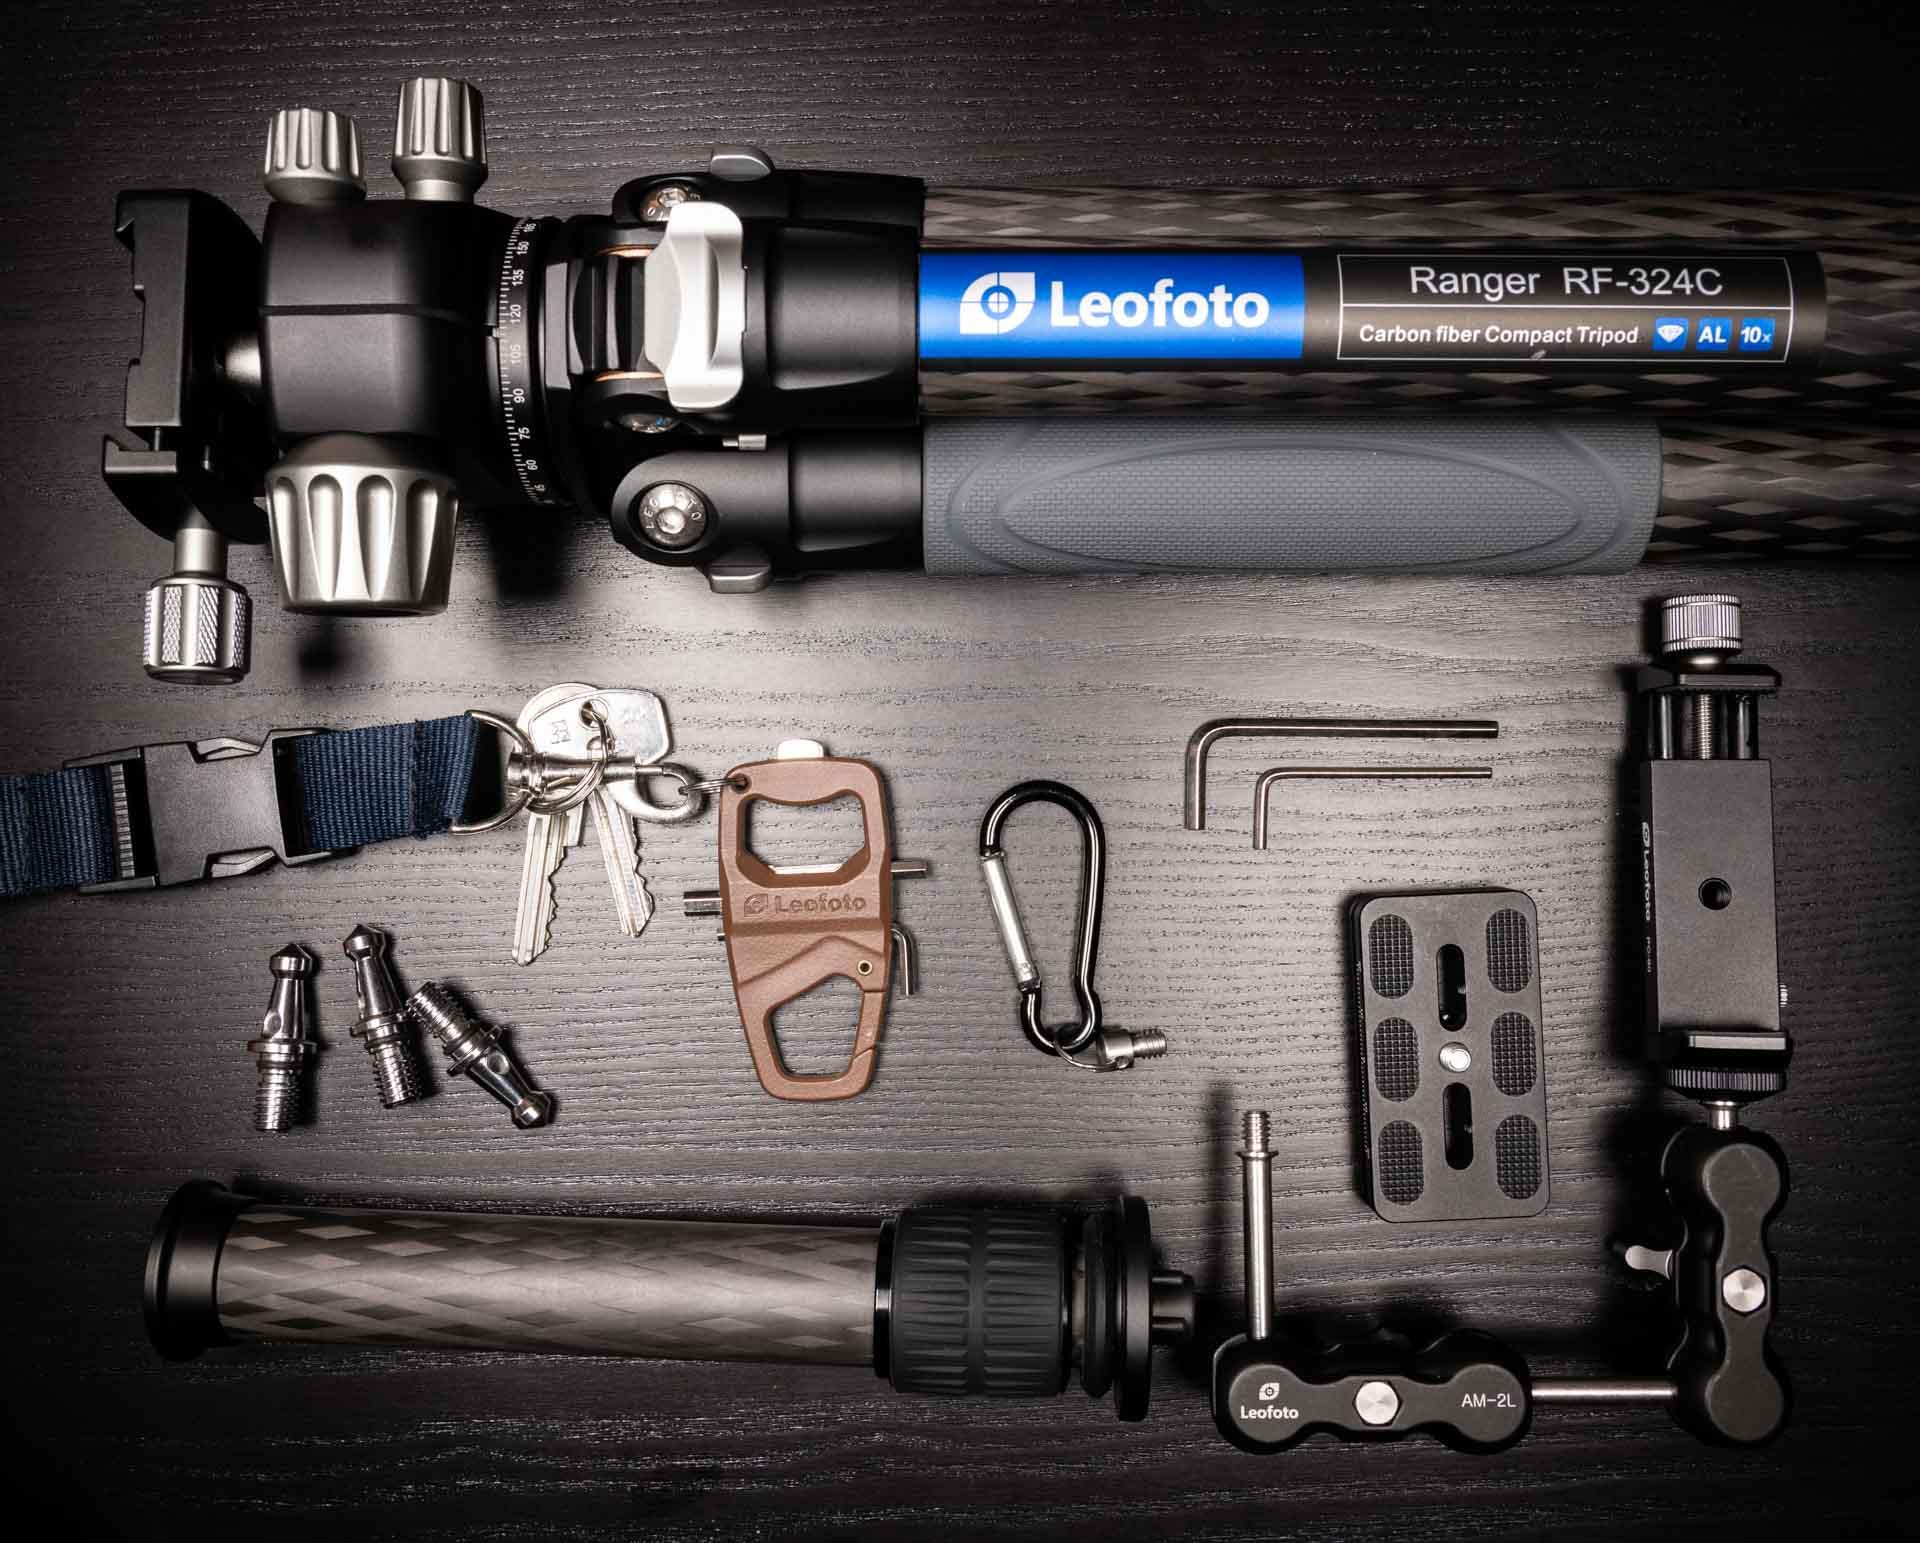 Leofoto RF-324C + LH-40 balhoofd statief